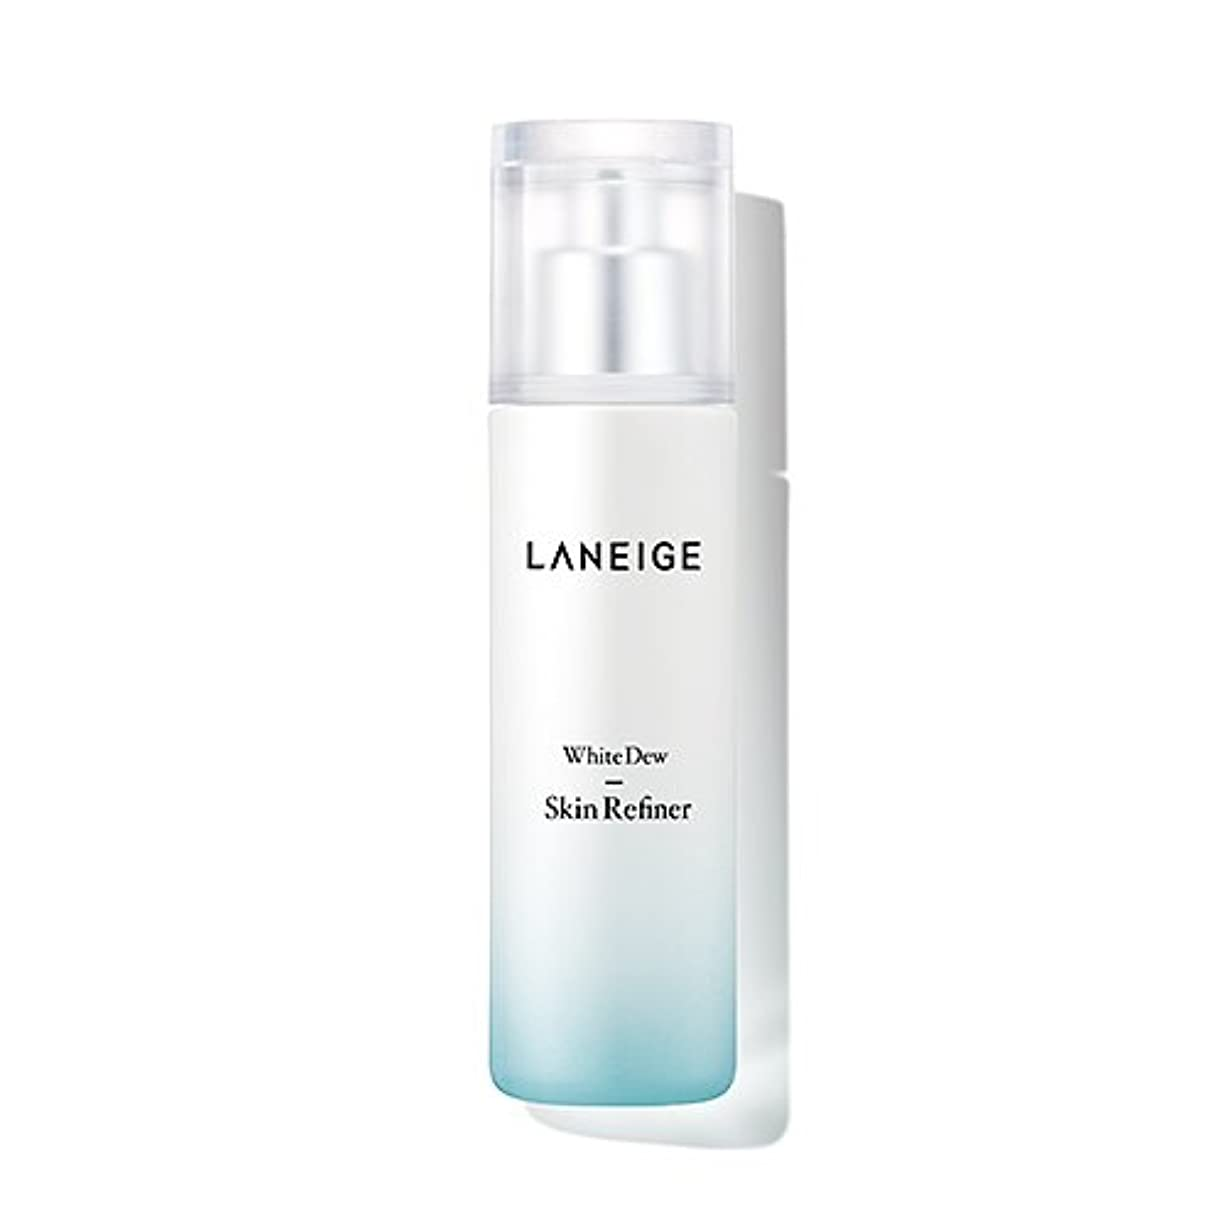 章長老妥協[ラネージュ] LANEIGEホワイトデュースキンリファイナー White Dew Skin Refiner(海外直送品) [並行輸入品]